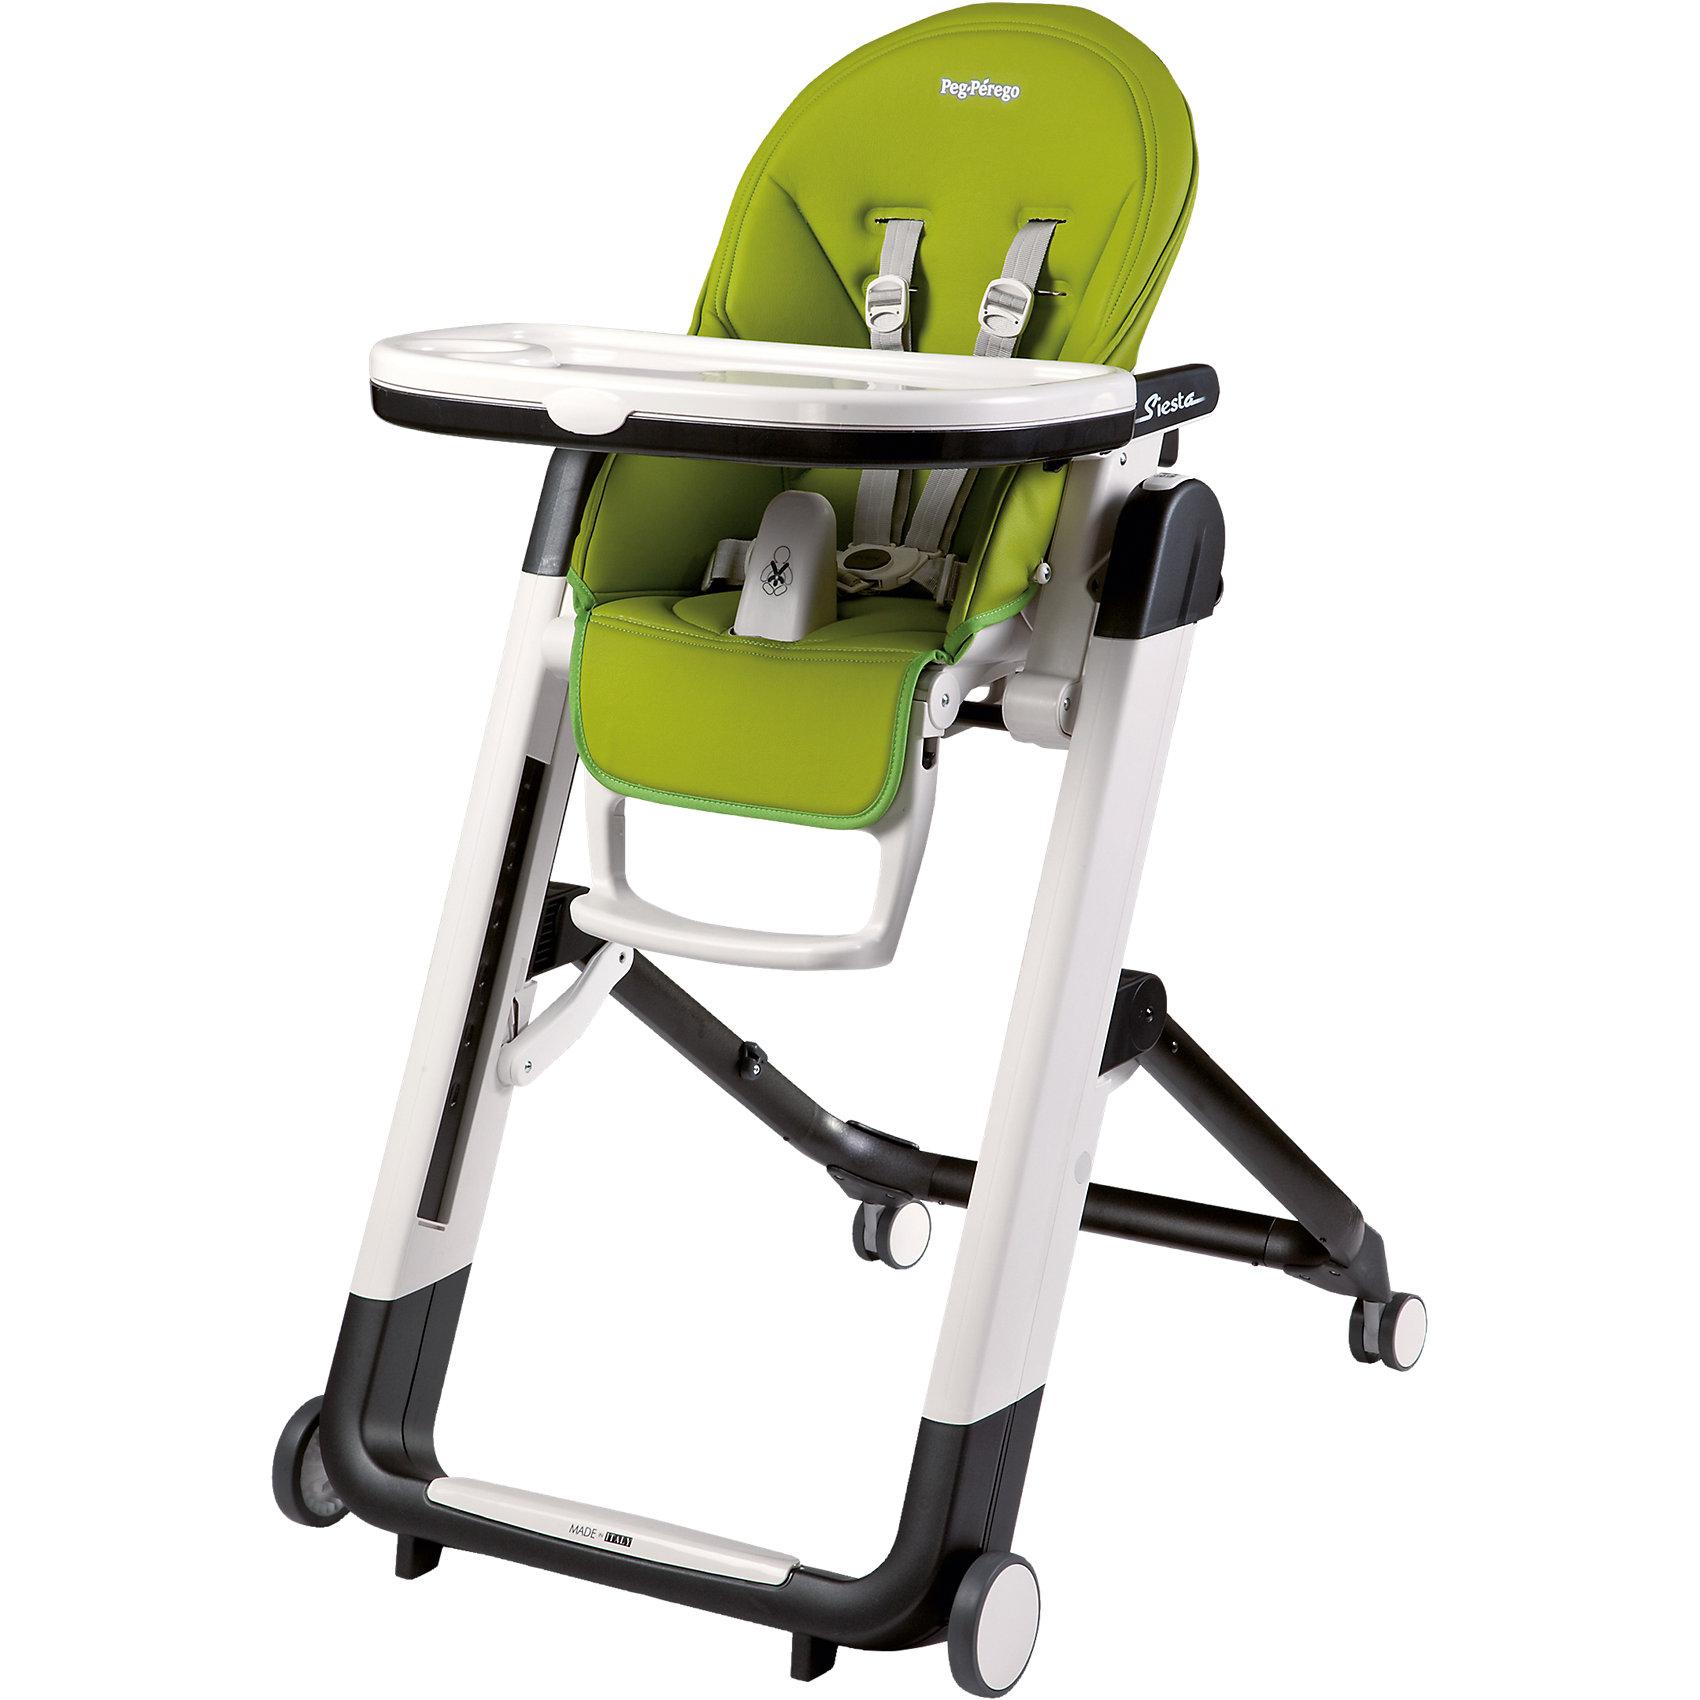 Стульчик для кормления Siesta Mela, Peg-Perego, зеленыйСтульчики для кормления<br>Удобный и функциональный стульчик Siesta, Peg-Perego, обеспечит комфорт и безопасность Вашего малыша во время кормления. Спинка сиденья легко регулируется в 5 положениях (вплоть до горизонтального), что позволяет использовать стульчик как для кормления так и для игр и сна. Широкое и эргономичное мягкое сиденье будет удобно как малышу, так и ребенку постарше. Стульчик оснащен регулируемыми 5-точечными ремнями безопасности, а планка-разделитель для ножек под столиком не даст малышу соскользнуть. Высота стула регулируется в 9 положениях (от 33 до 65 см. от пола). Подножка регулируется в 3 позициях, позволяя выбрать оптимальное для ребенка положение. На задней части спинки размещается сетка для мелочей.<br>Широкий съемный столик оснащен подносом с отделениями для кружки или стакана, поднос можно снять для быстрой чистки и использовать основную поверхность для игр и занятий. Для детей постарше стул можно использовать без столика для кормления, придвинув его к столу для взрослых. Ножки оснащены колесиками с блокираторами, что позволяет легко перемещать стульчик по комнате. Кожаный чехол легко снимается для чистки. Стульчик легко и компактно складывается и занимает мало места при хранении. Подходит для детей в возрасте от 0 месяцев до 3 лет.<br><br>Дополнительная информация:<br>- Цвет: зеленый.<br>- Материал: пластик, эко-кожа.<br>- Высота спинки сиденья: 44 см.<br>- Ширина сиденья: 27 см.<br>- Размер в разложенном состоянии: 60 х 75 х 104,5 см. <br>- Размер в сложенном состоянии: 60 х 35 х 89 cм. <br>- Вес: 7,6 кг.<br><br>Стульчик для кормления Siesta Mela, Peg-Perego, зеленый, можно купить в нашем интернет-магазине.<br><br>Ширина мм: 900<br>Глубина мм: 620<br>Высота мм: 300<br>Вес г: 13120<br>Цвет: зеленый<br>Возраст от месяцев: 0<br>Возраст до месяцев: 36<br>Пол: Унисекс<br>Возраст: Детский<br>SKU: 3537392